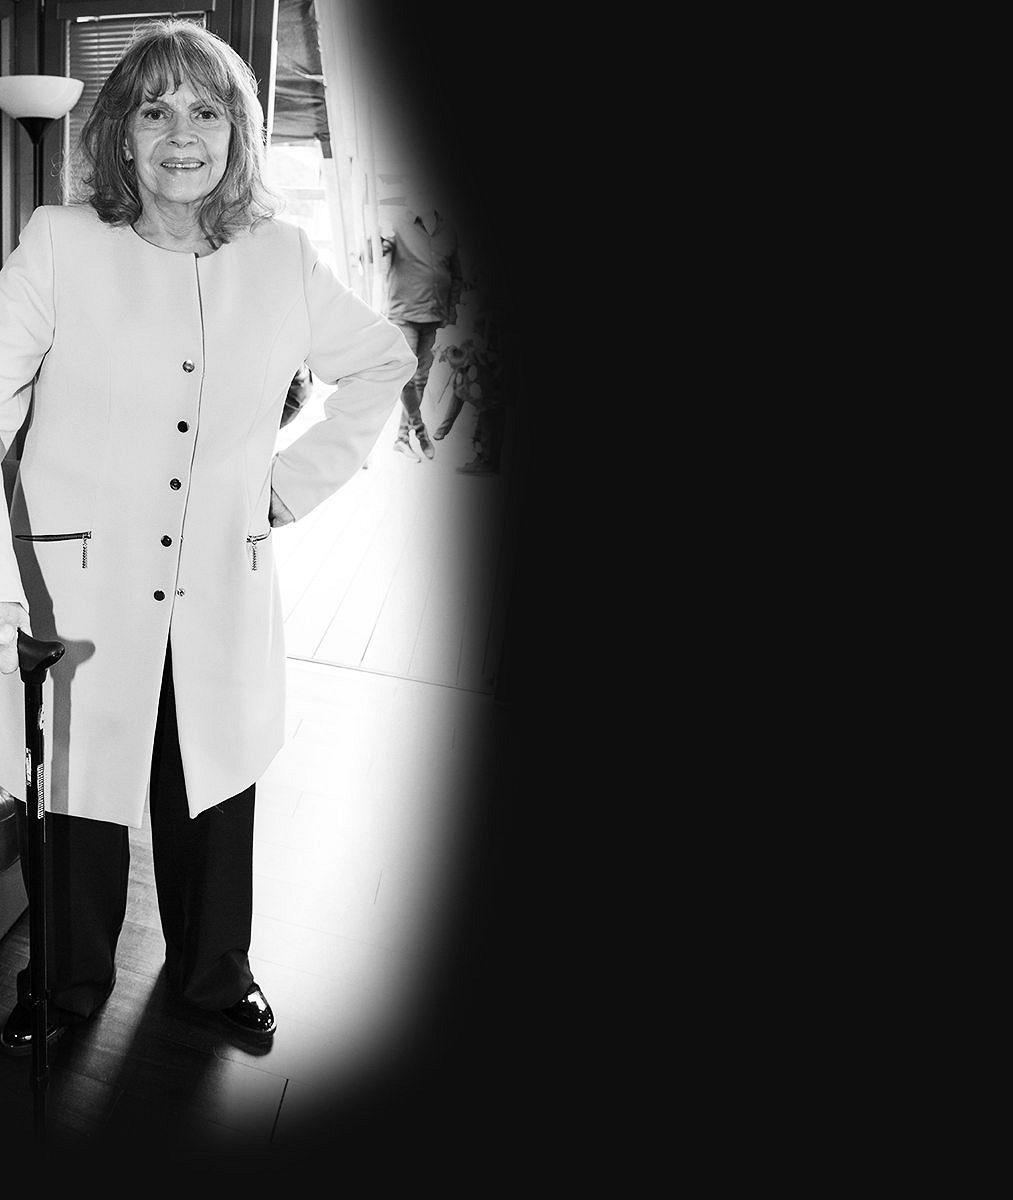 Třicet let před svým odchodem dostala Pilarová šanci žít: Od rakoviny ji nezachránili lékaři, ale léčitelé, říká vdovec